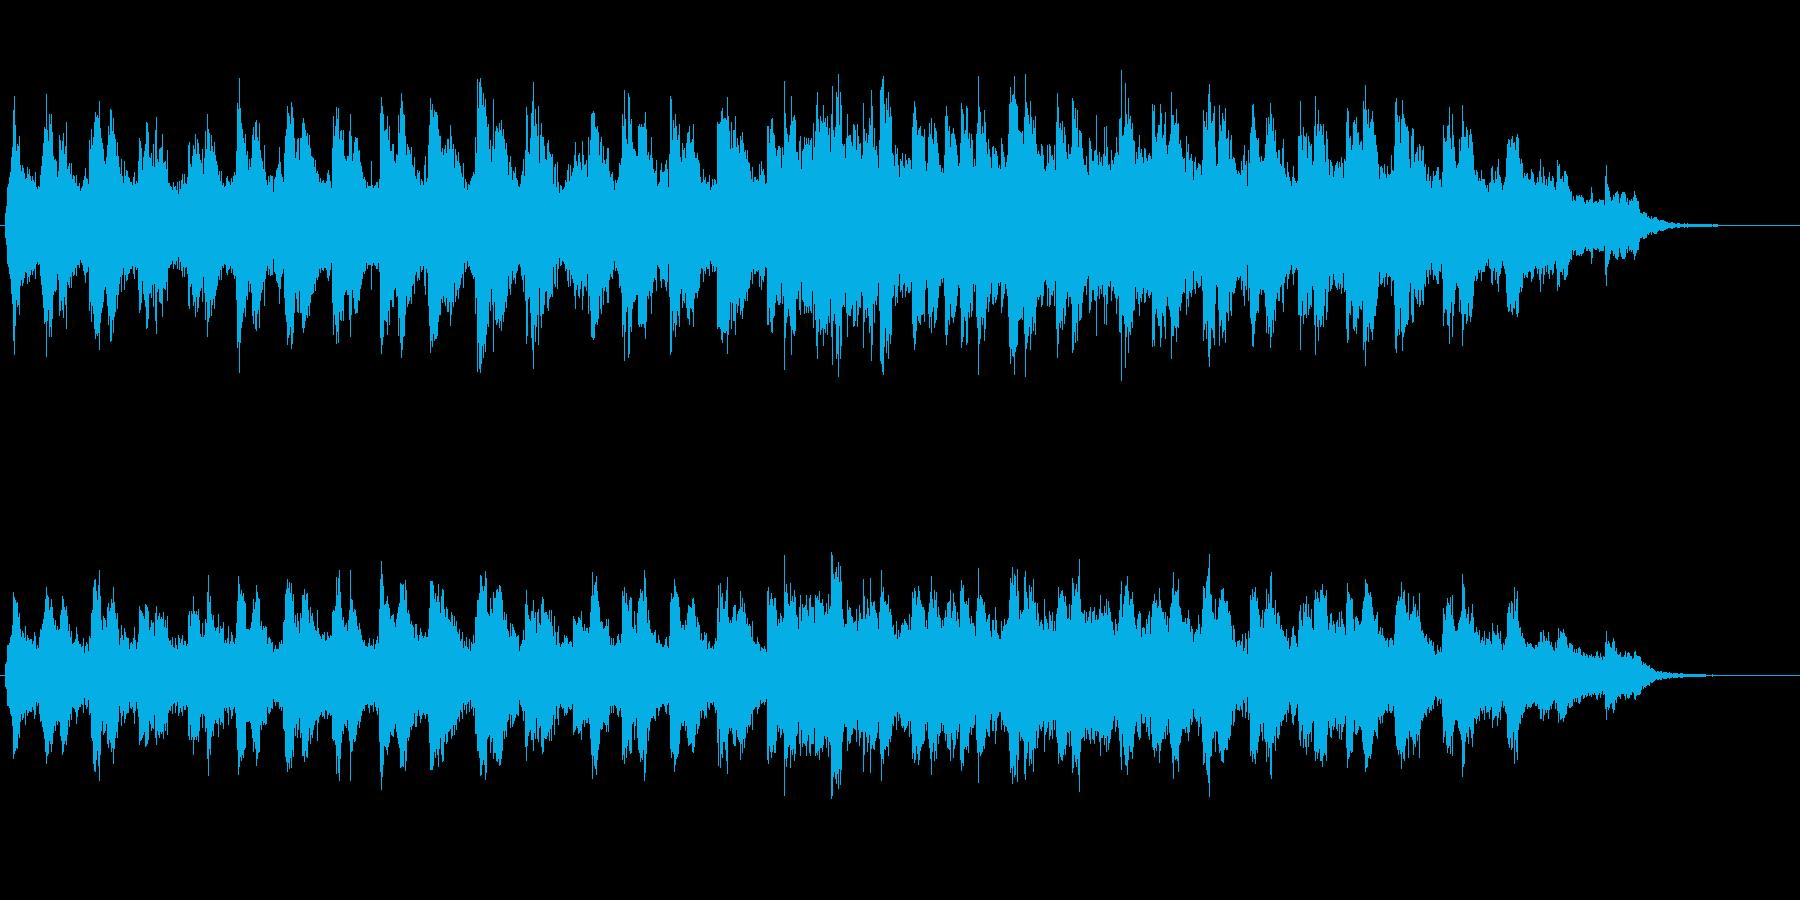 ほのぼのした雰囲気のジングル2の再生済みの波形